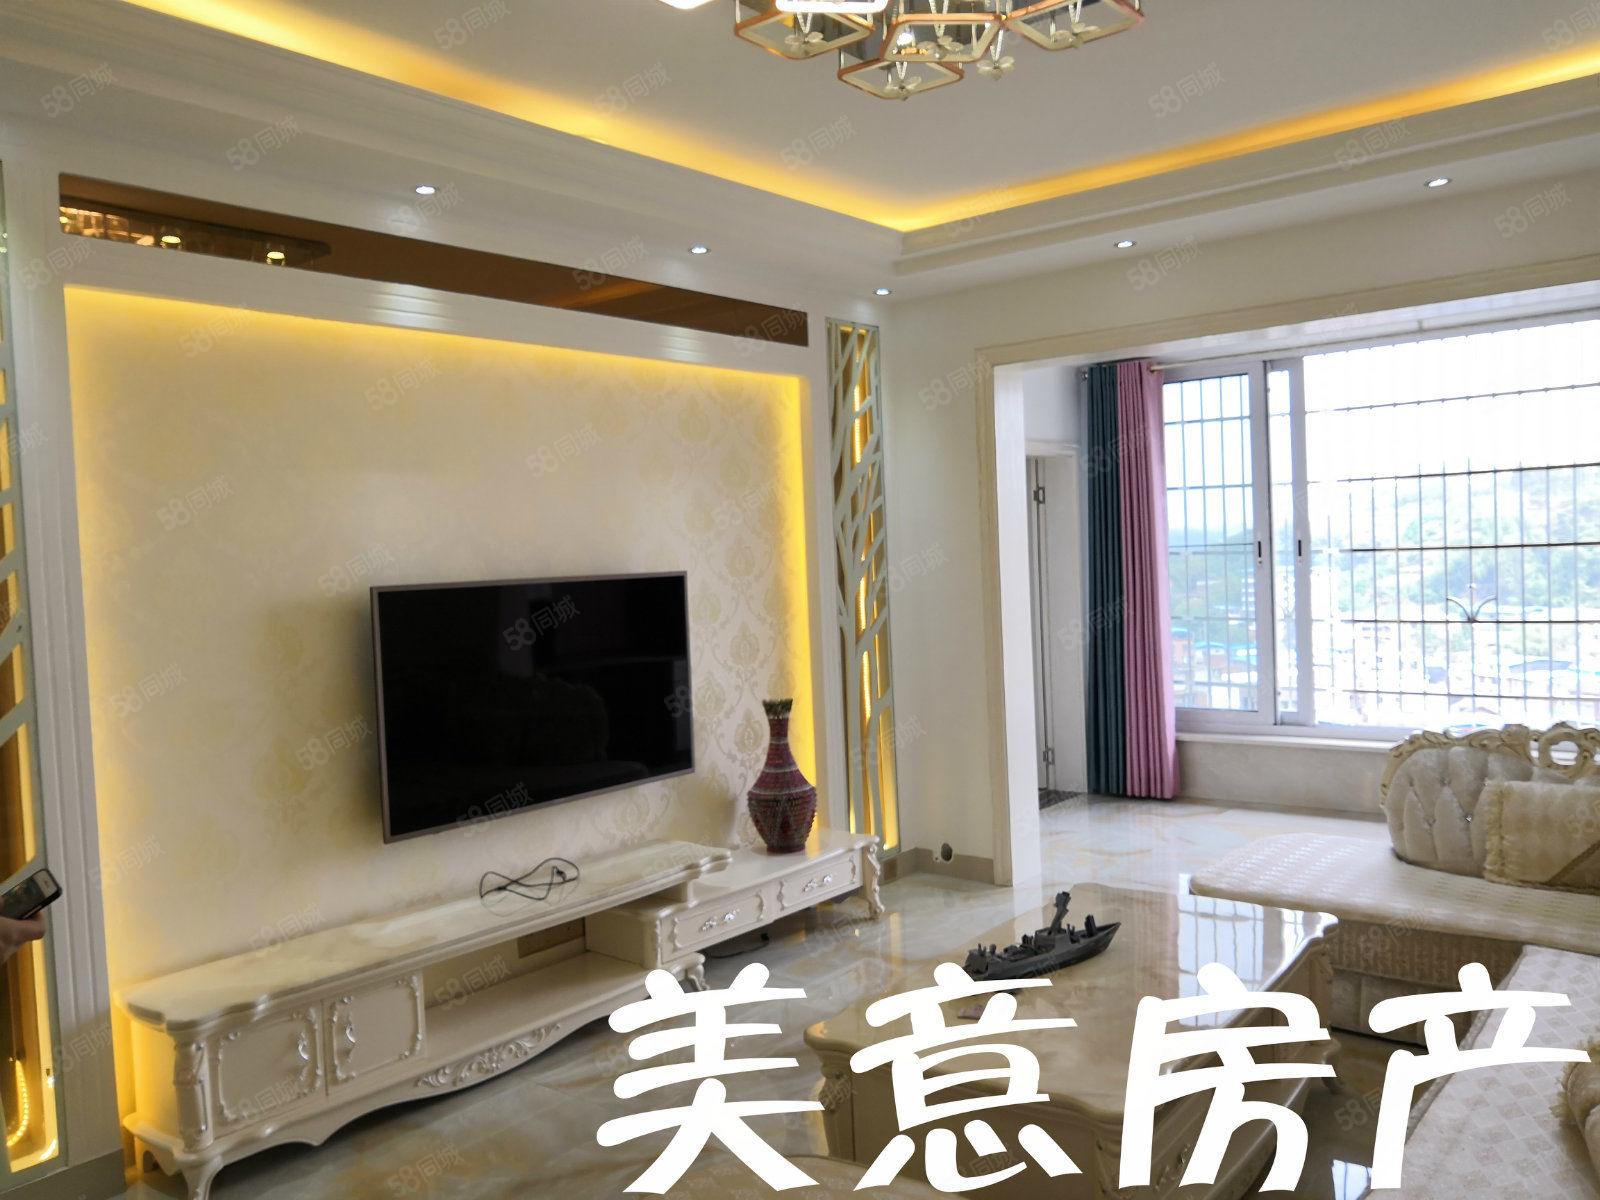 榮州上城豪華三室二廳品牌家具家電齊全拎包入住